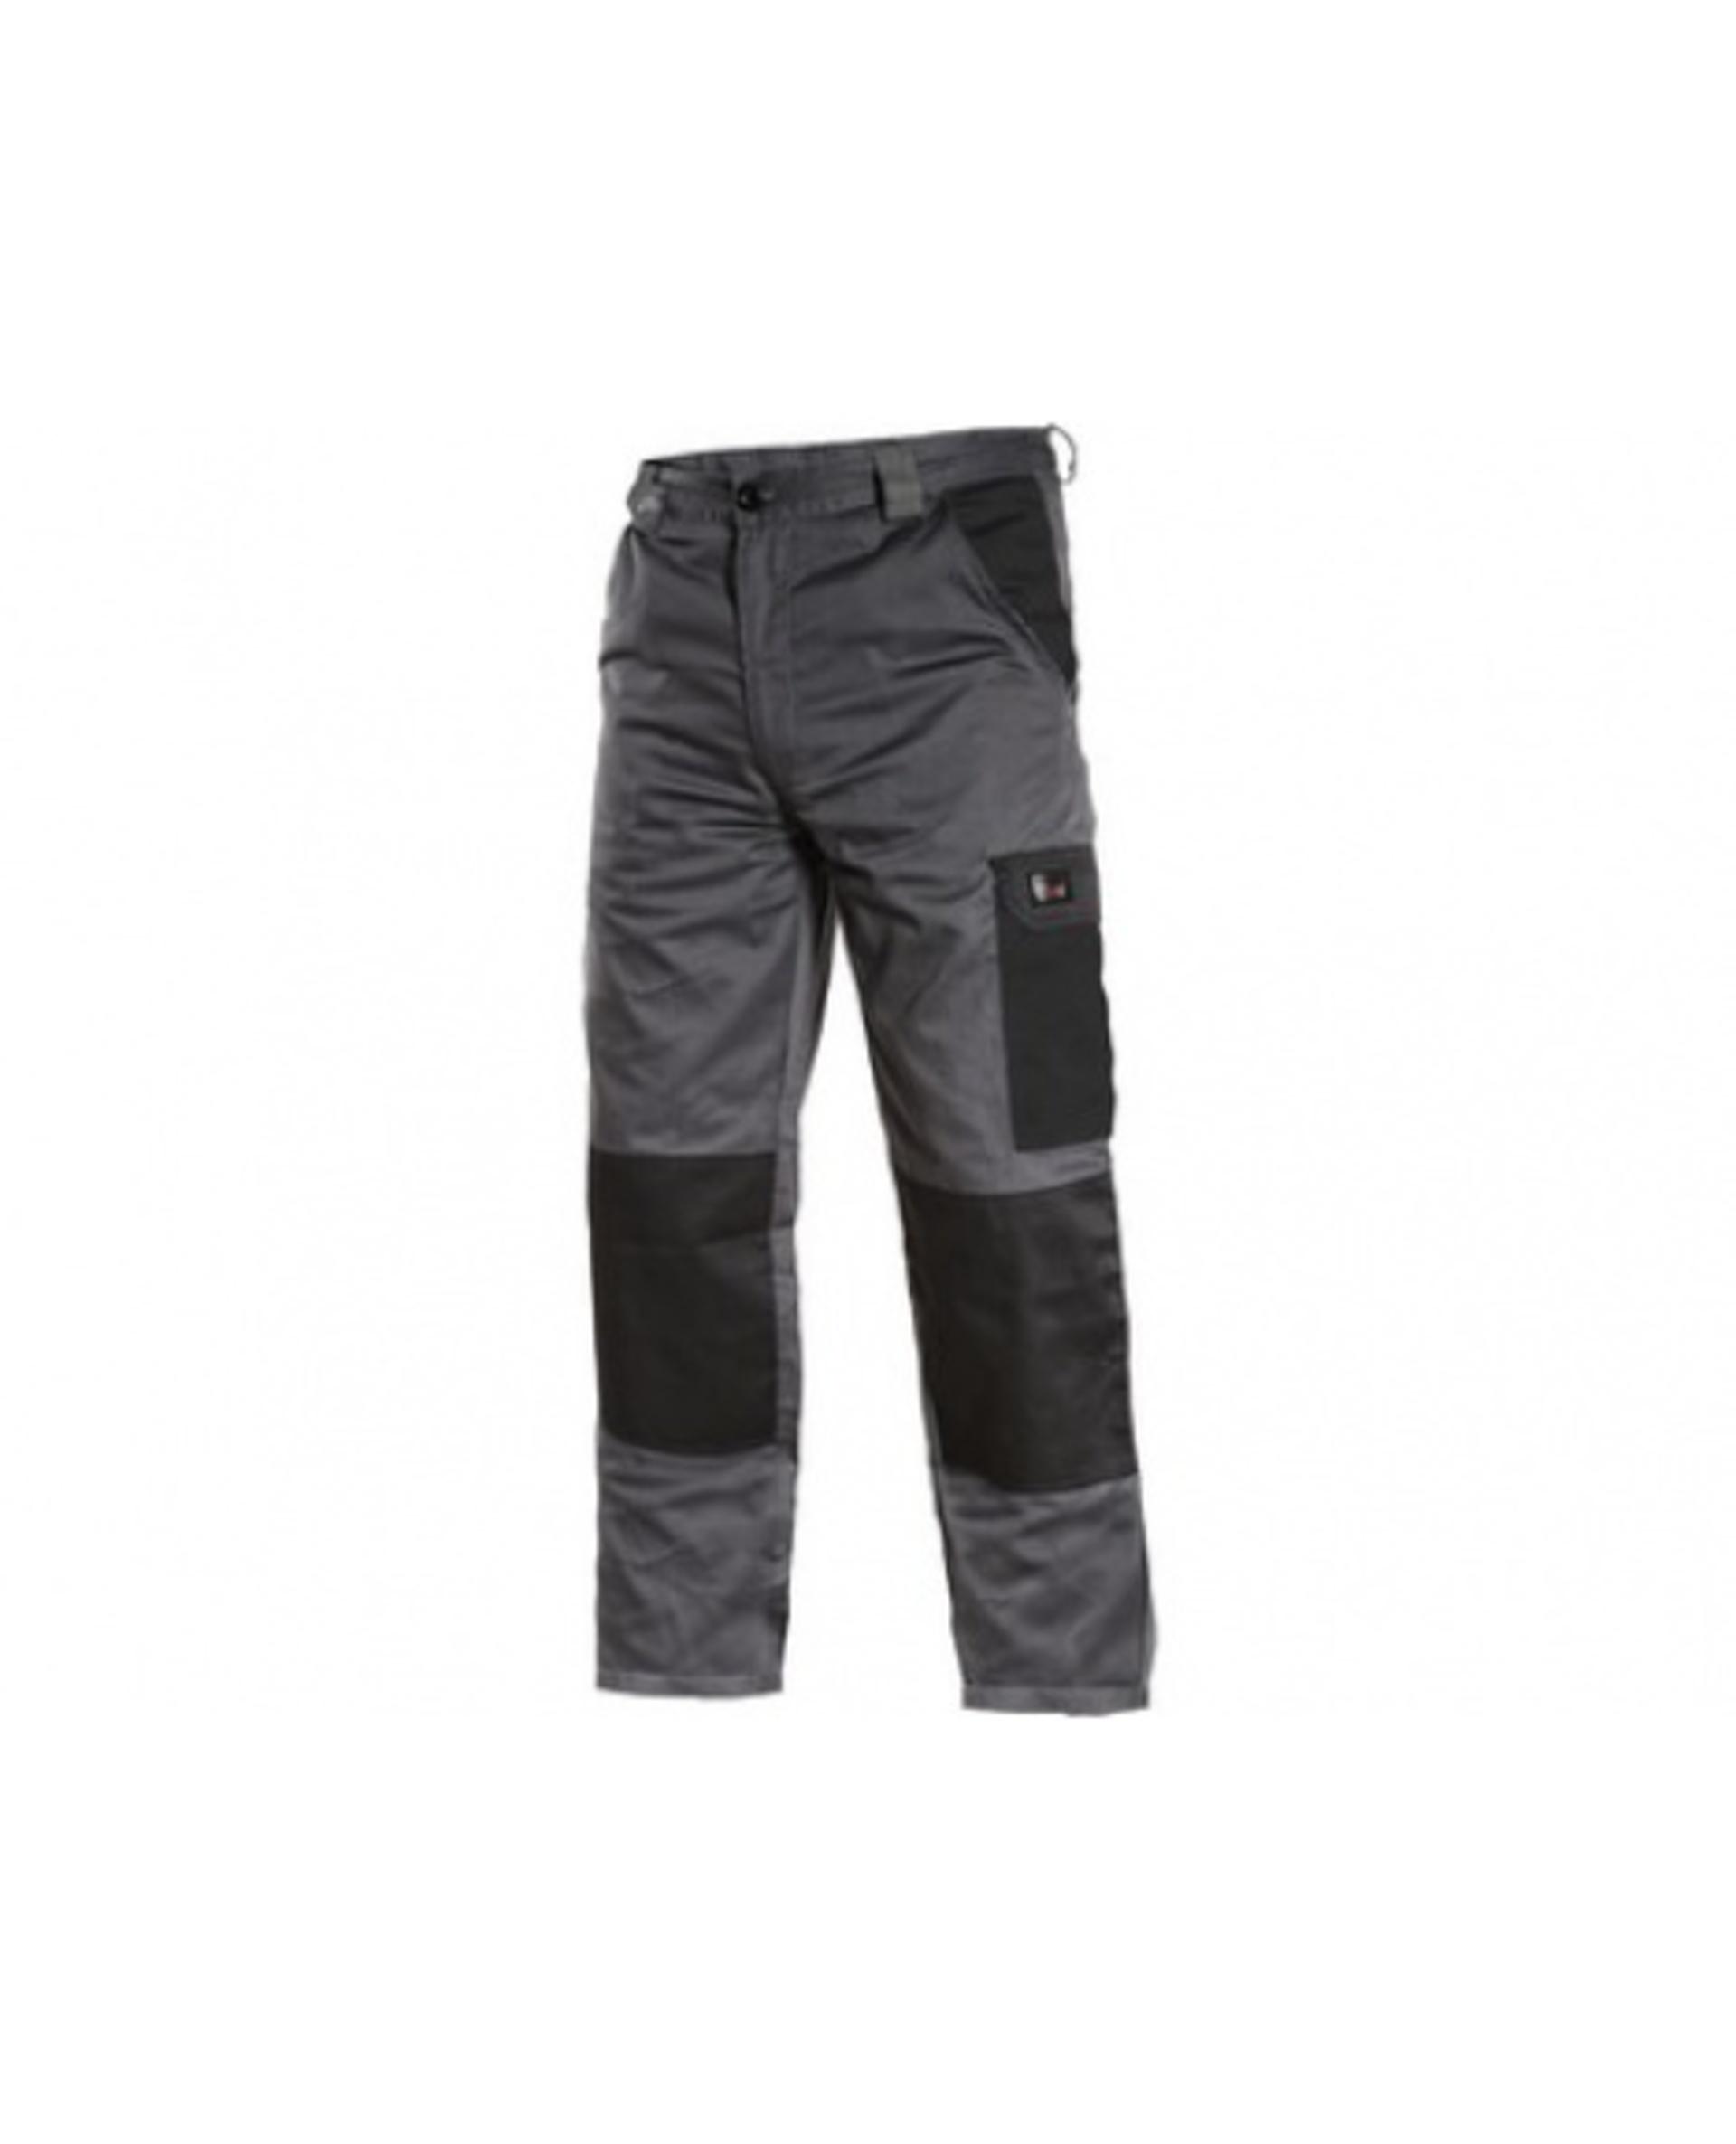 CXS PHOENIX CEFEUS pánské Kalhoty pracovní do pasu šedá/černá 46